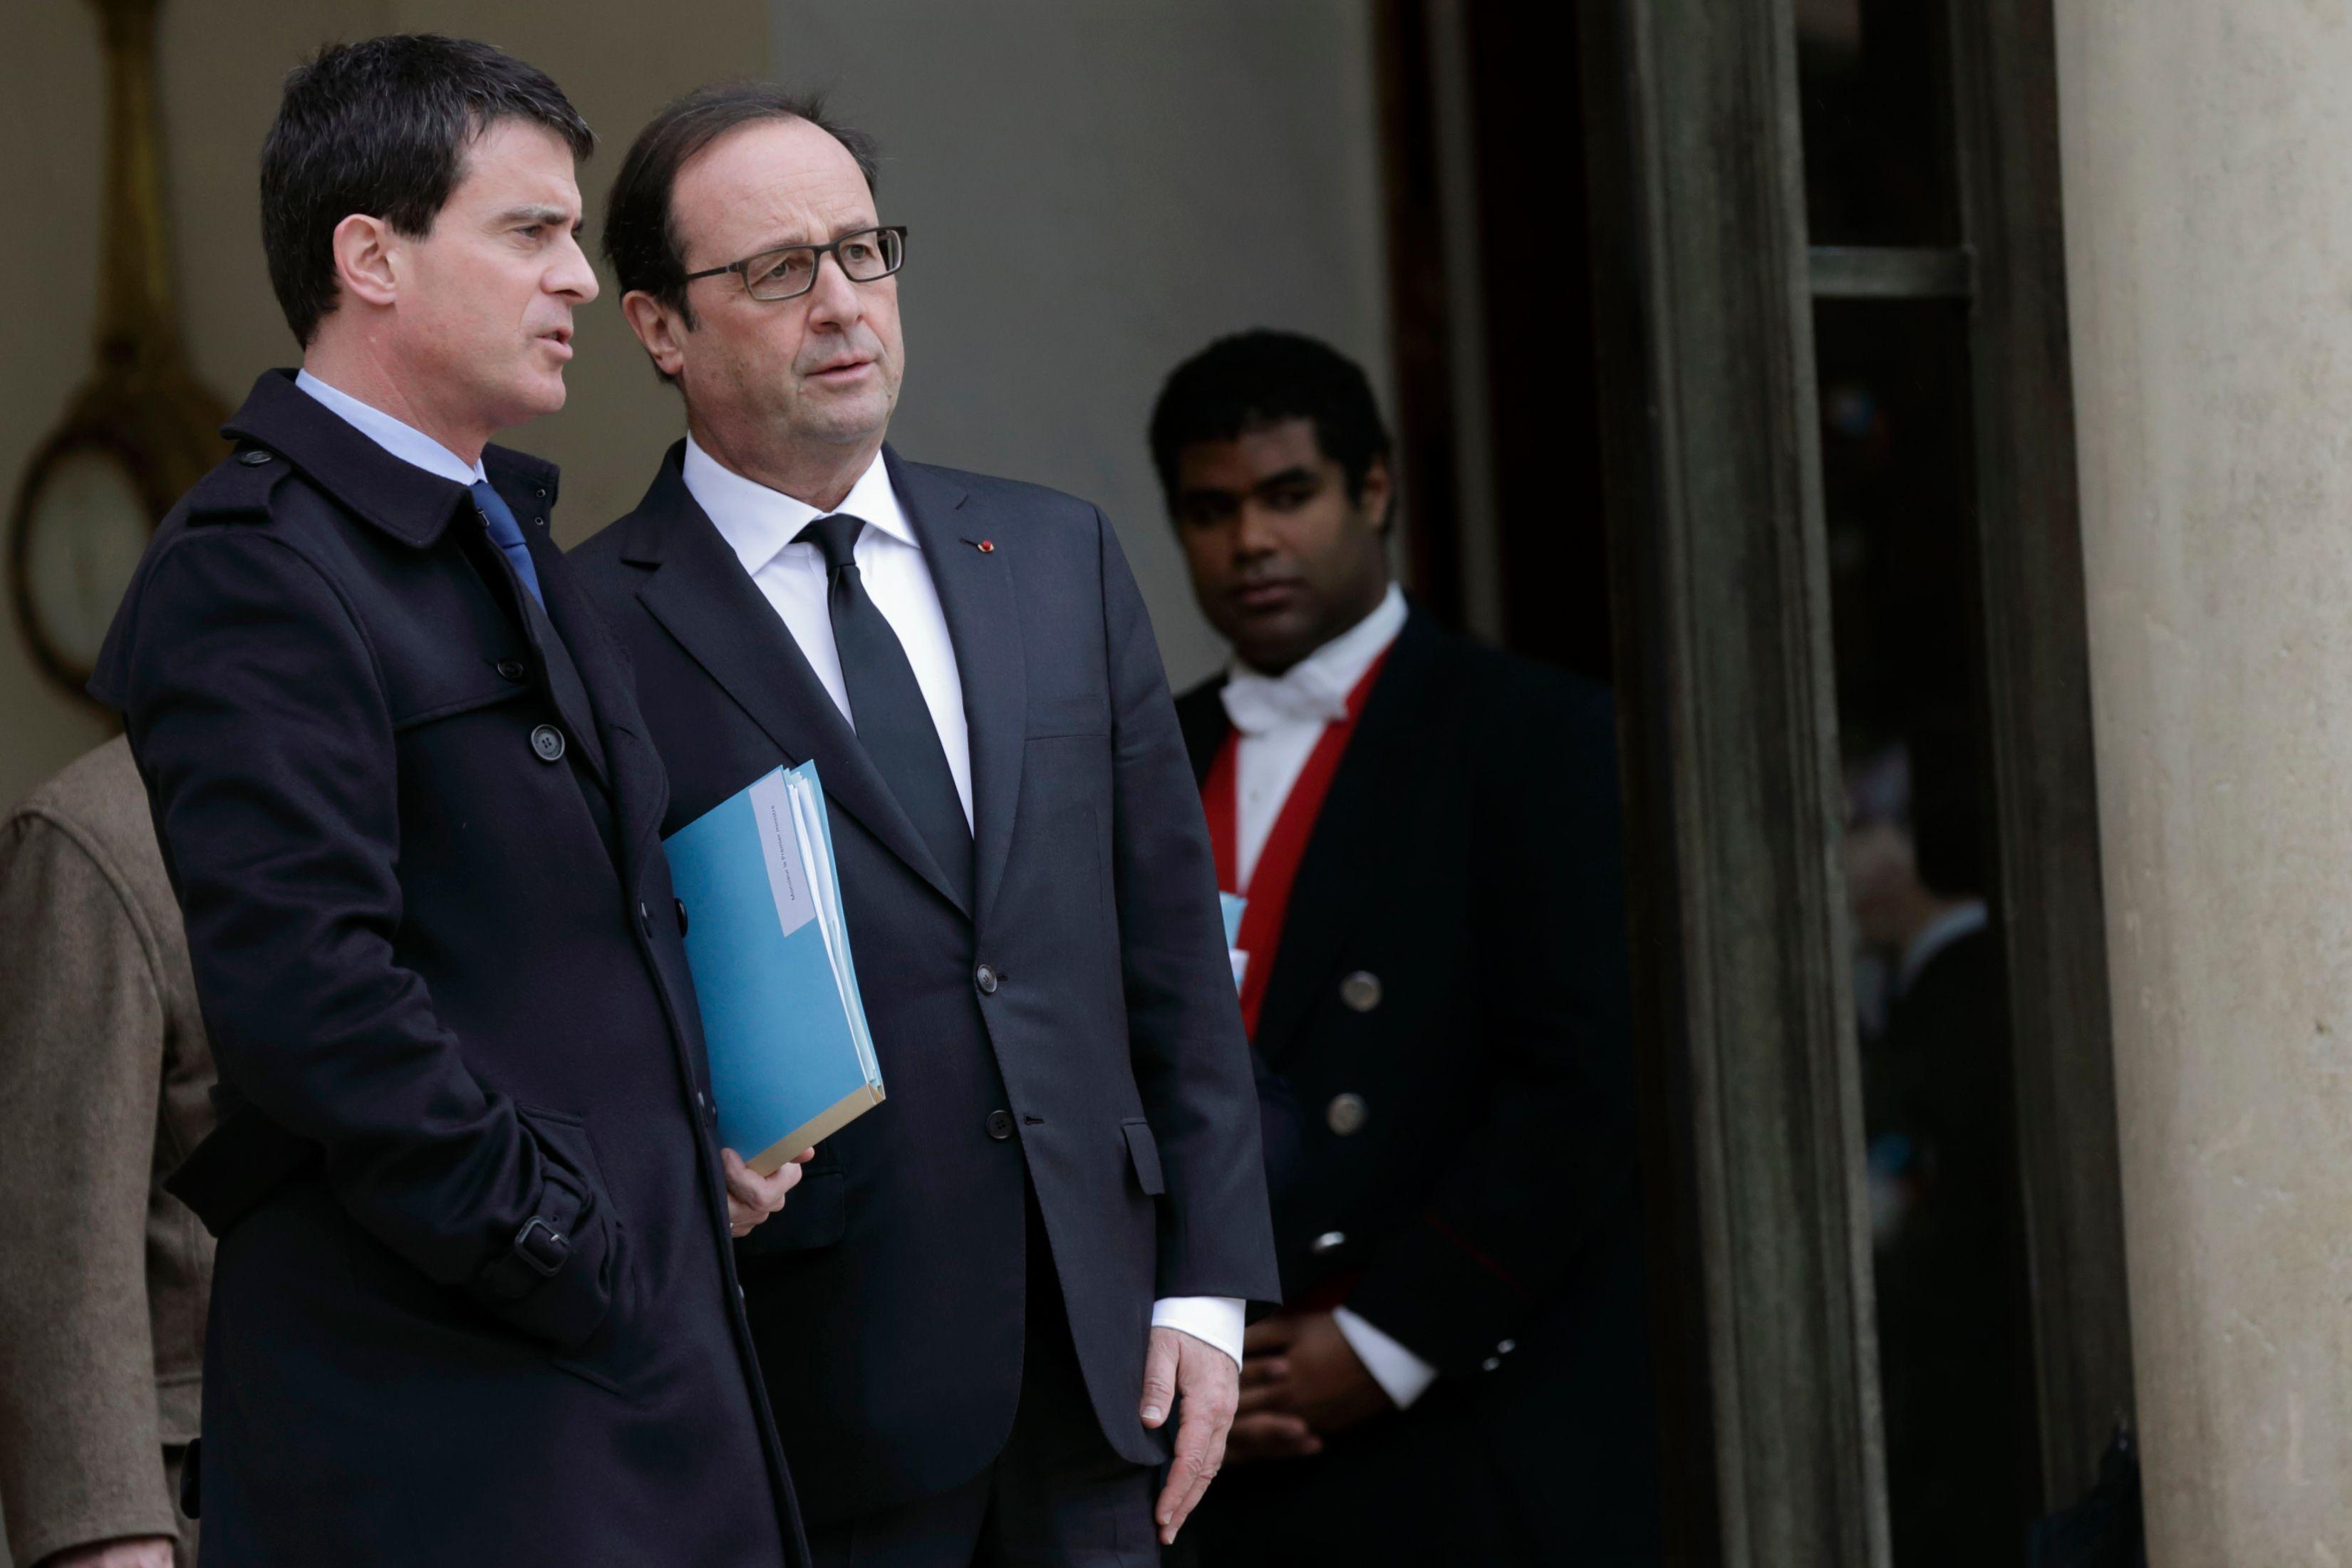 Cote de popularité : François Hollande et Manuel Valls en baisse, Marine Le Pen progresse